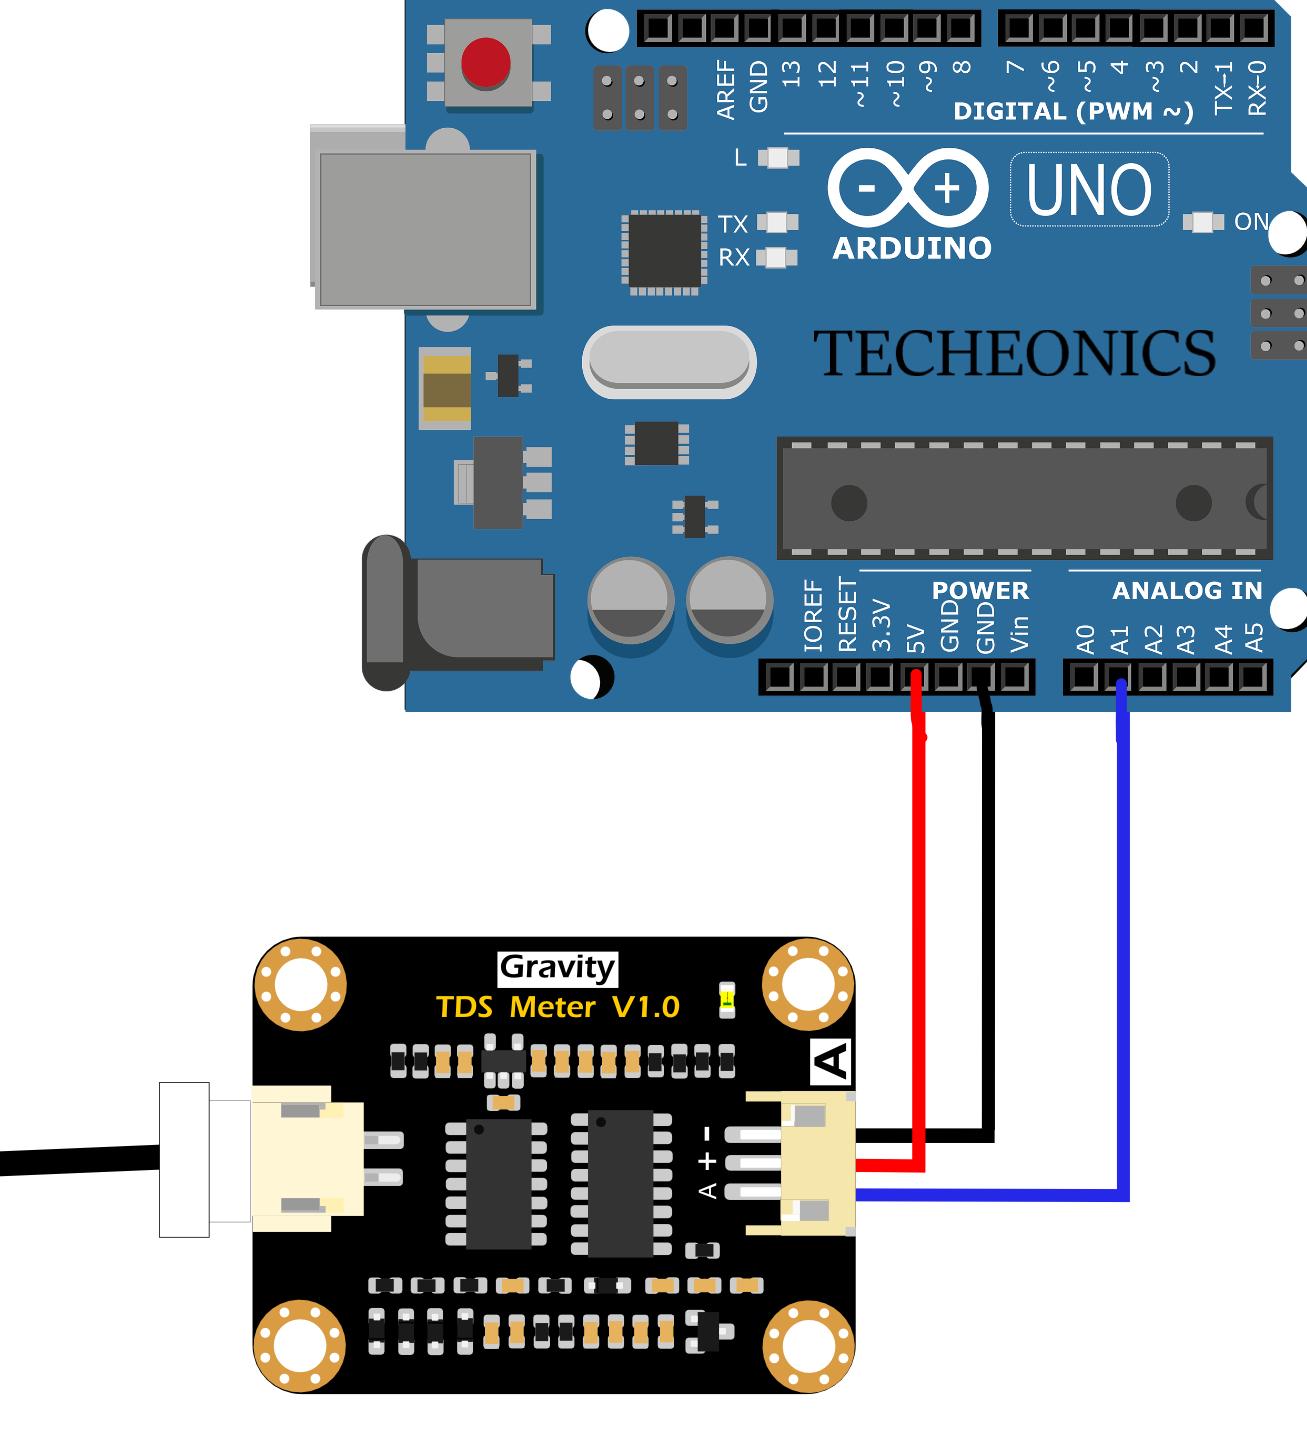 Tds with arduino techeonics (2) tdsqu0gzkj